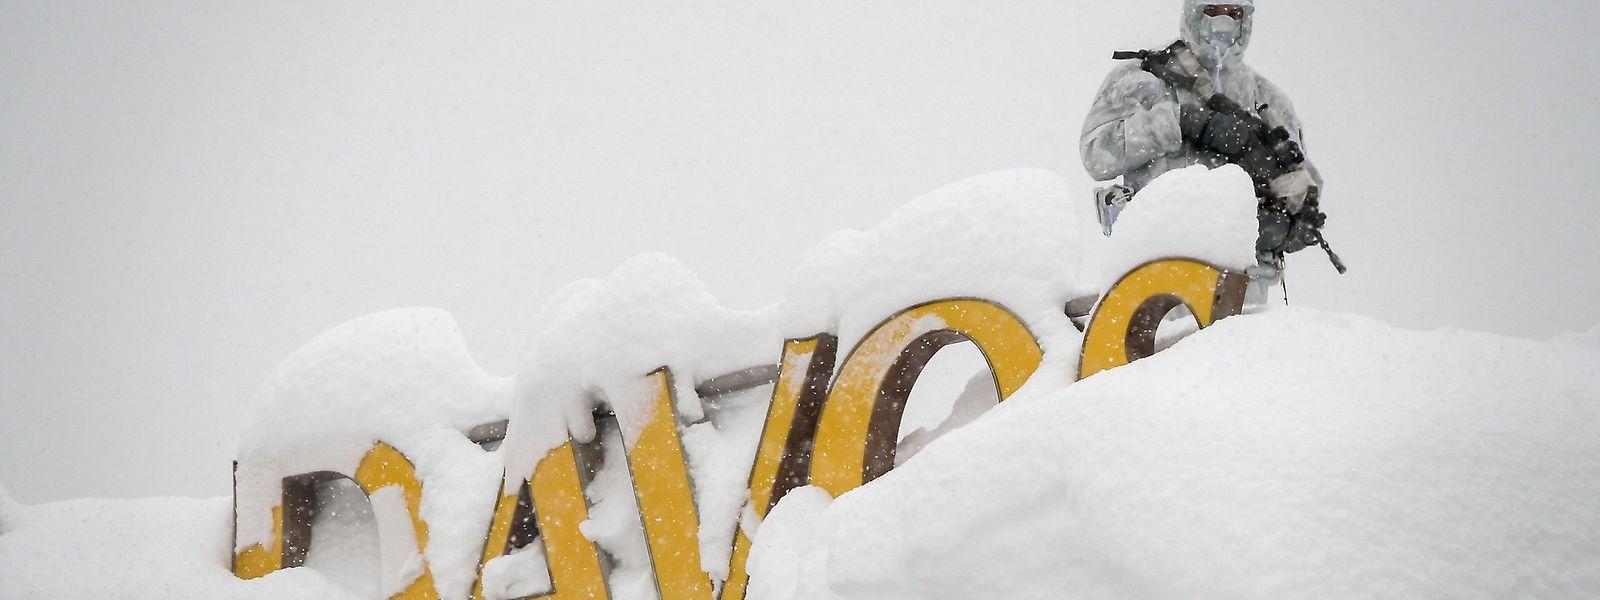 Trotz fest anhaltendem Schneefall bleibt das Kongresszentrum in Davos gut überwacht.